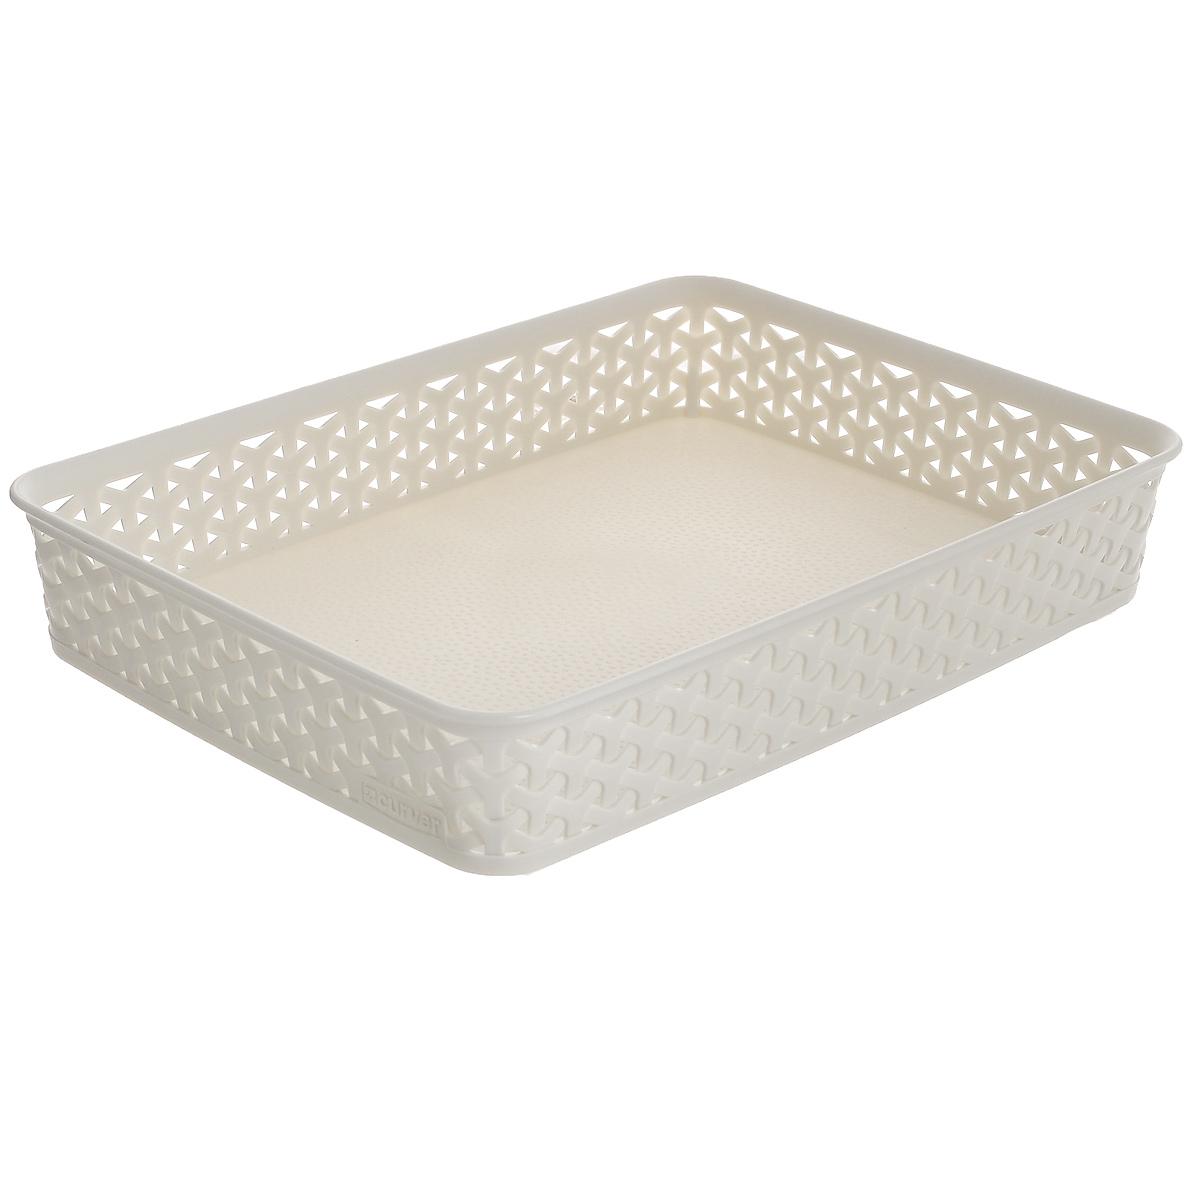 """Универсальная корзина Curver """"My Style"""" изготовлена из высококачественного пластика с перфорированными стенками и сплошным дном. Такая корзина непременно пригодится в быту, в ней можно хранить кухонные принадлежности, специи, аксессуары для ванной и другие бытовые предметы, диски и канцелярию. Размеры корзины: 35 х 26 х 6 см."""